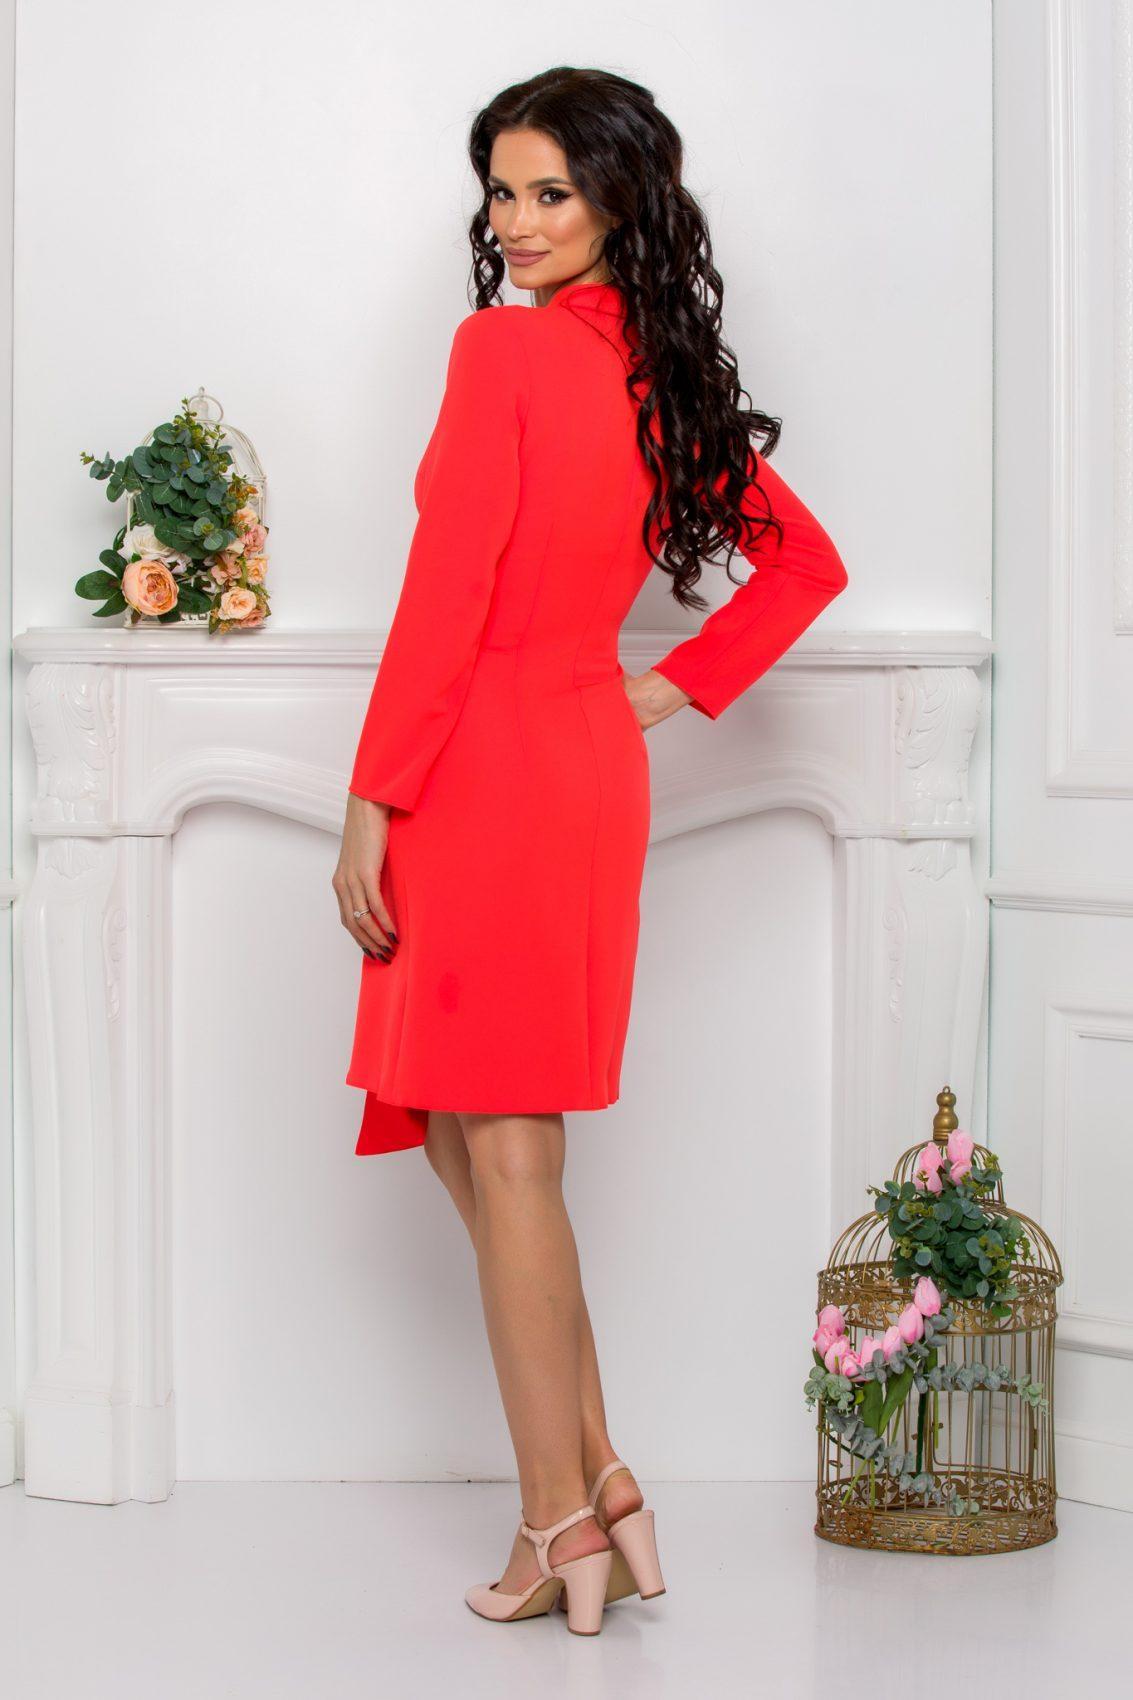 Κοραλί Φόρεμα Με Κουμπιά Yndira 9633 2